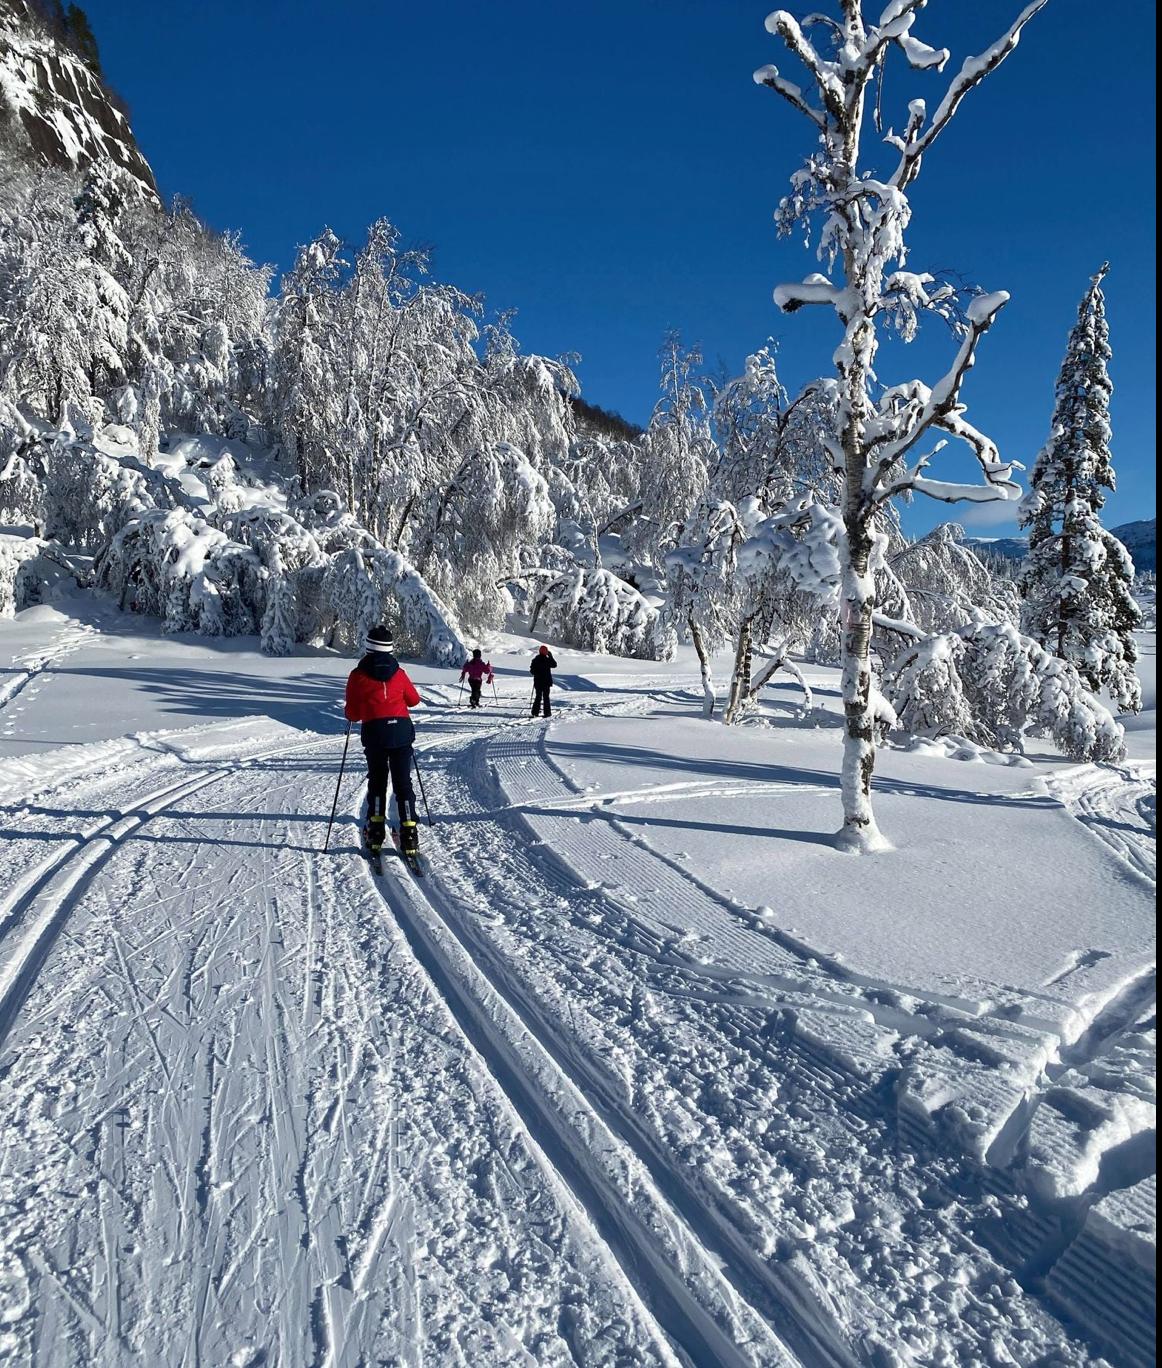 Et bilde som inneholder utendørs, snø, tre, gå på ski  Automatisk generert beskrivelse